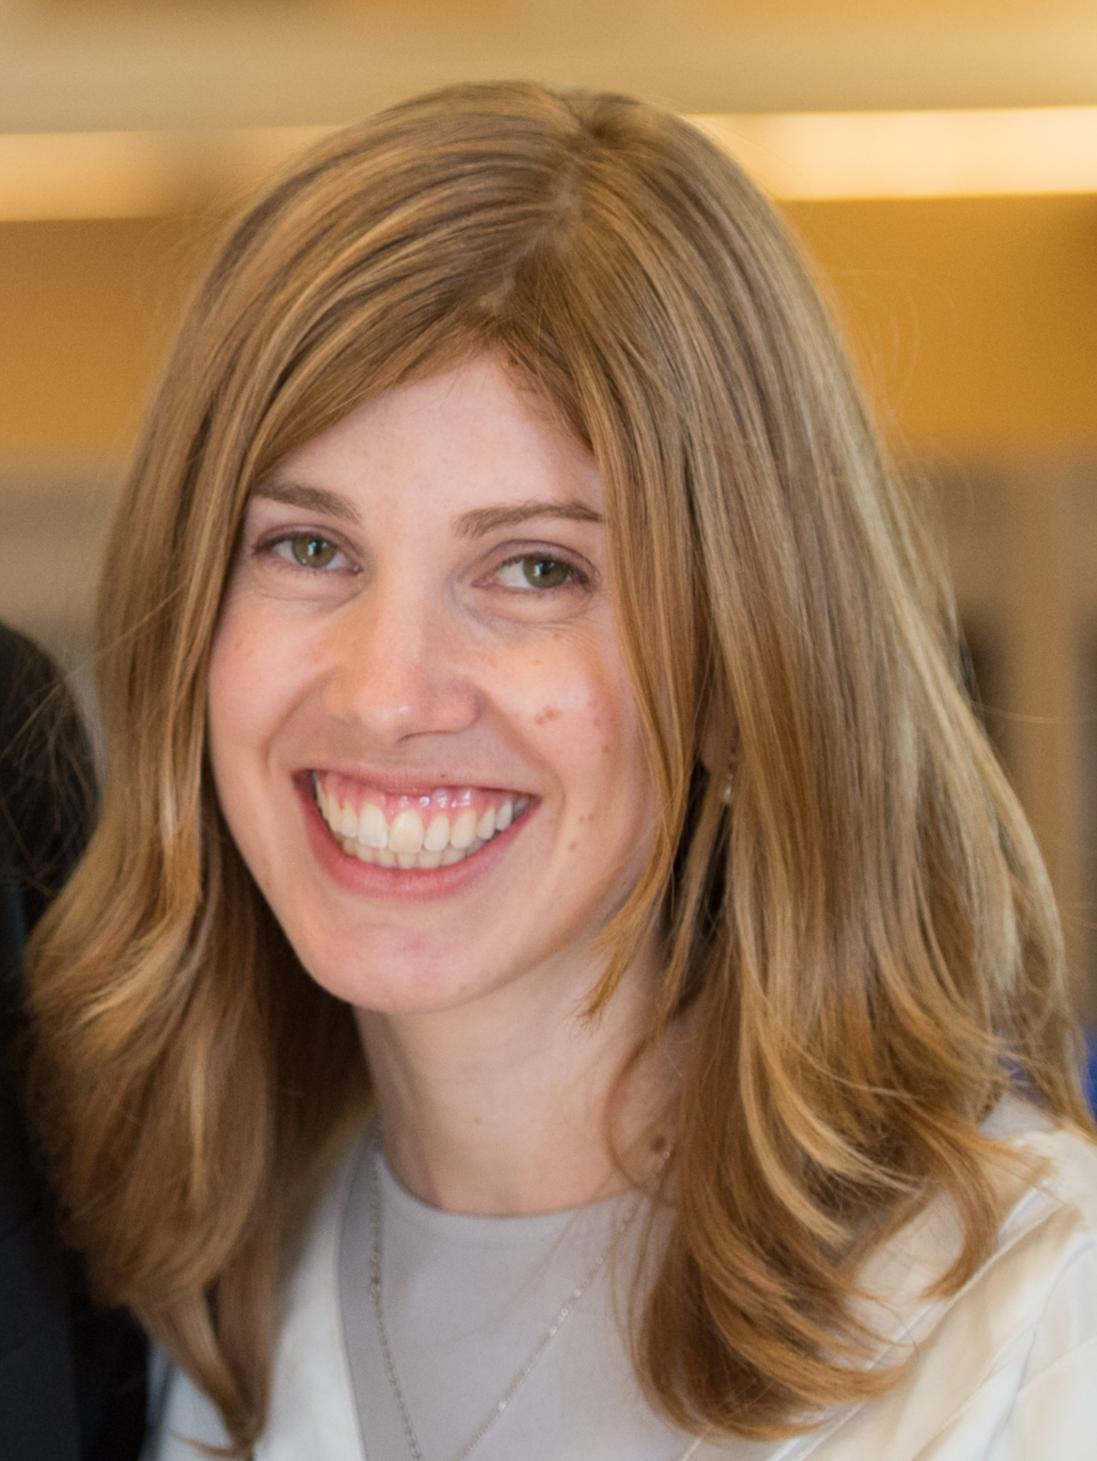 Rachel Wizenfeld